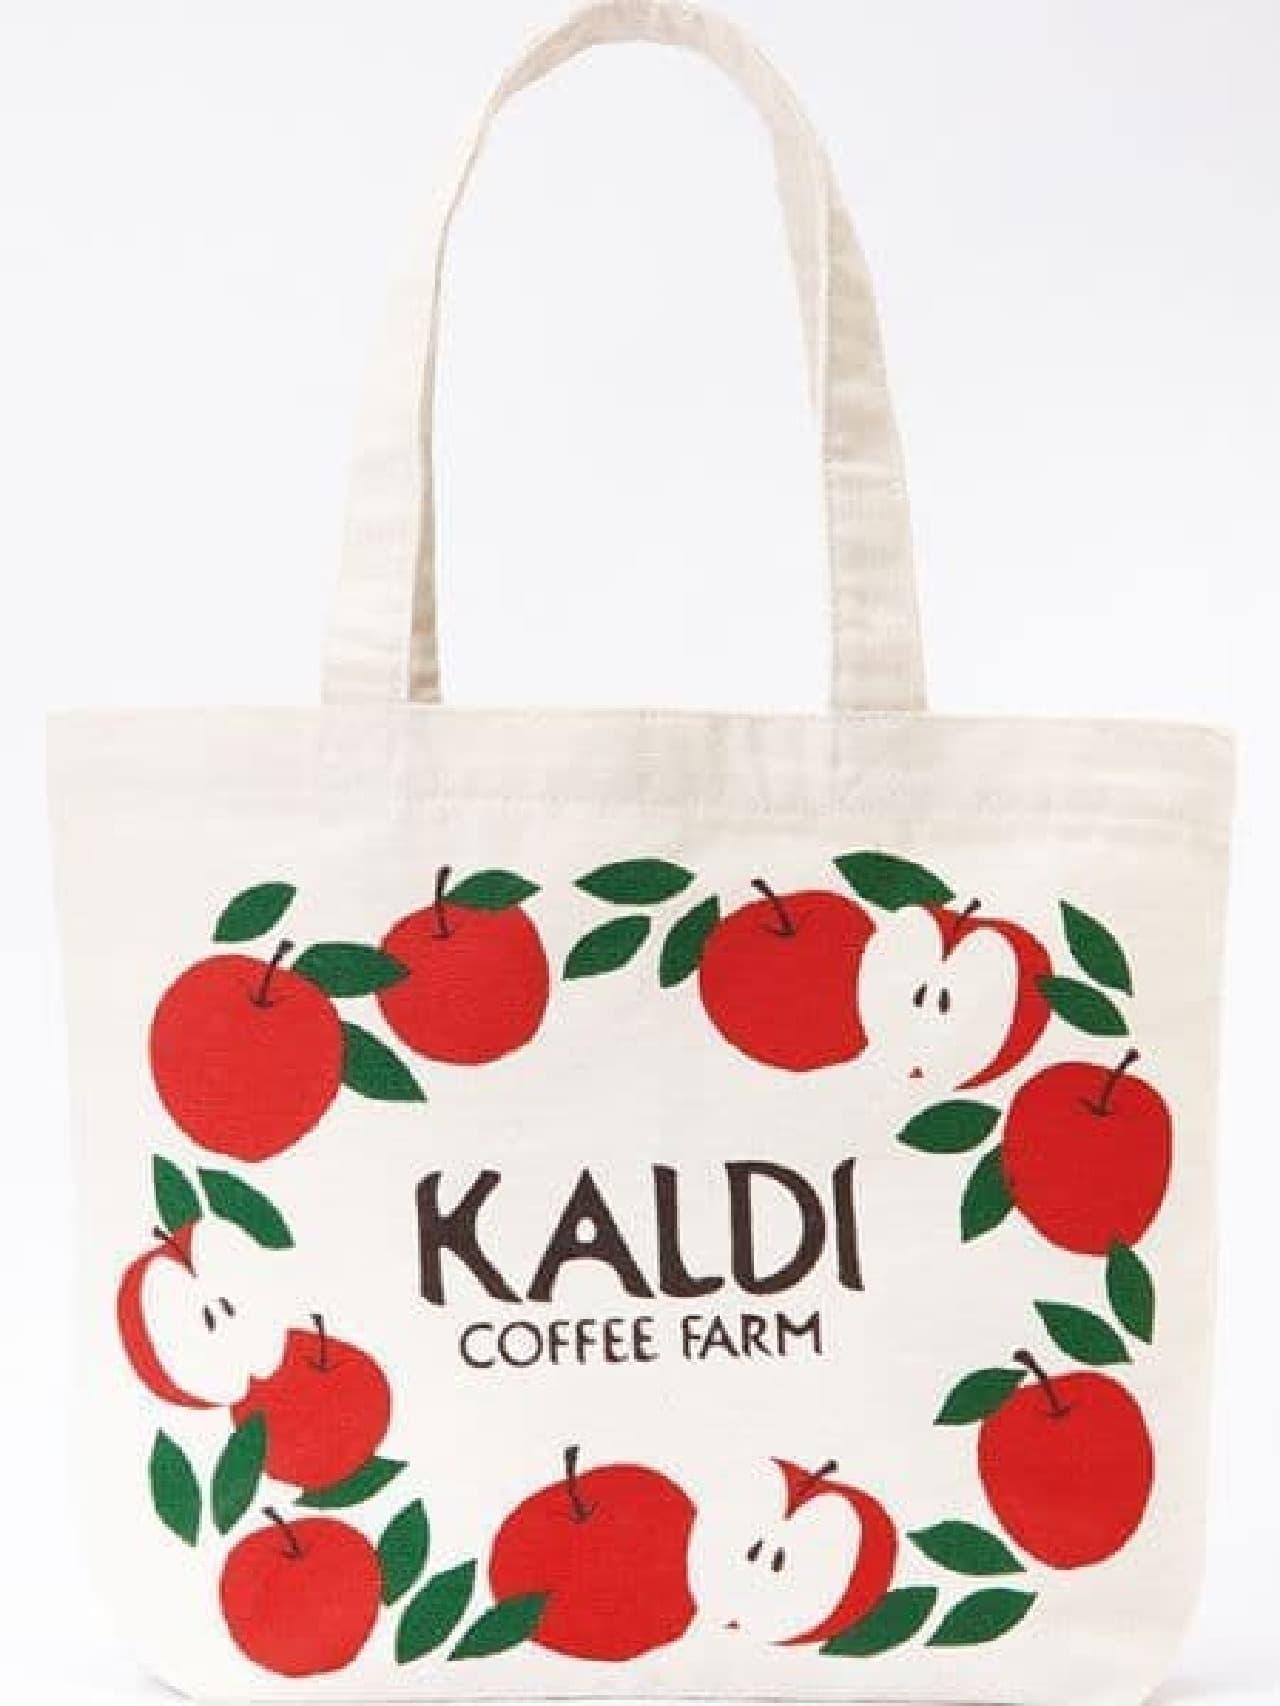 りんごバッグ、シードル アルティザン ドゥー(甘口)、オリジナル シードルカップ、オリジナル アップルパイの計4品が入ったセット